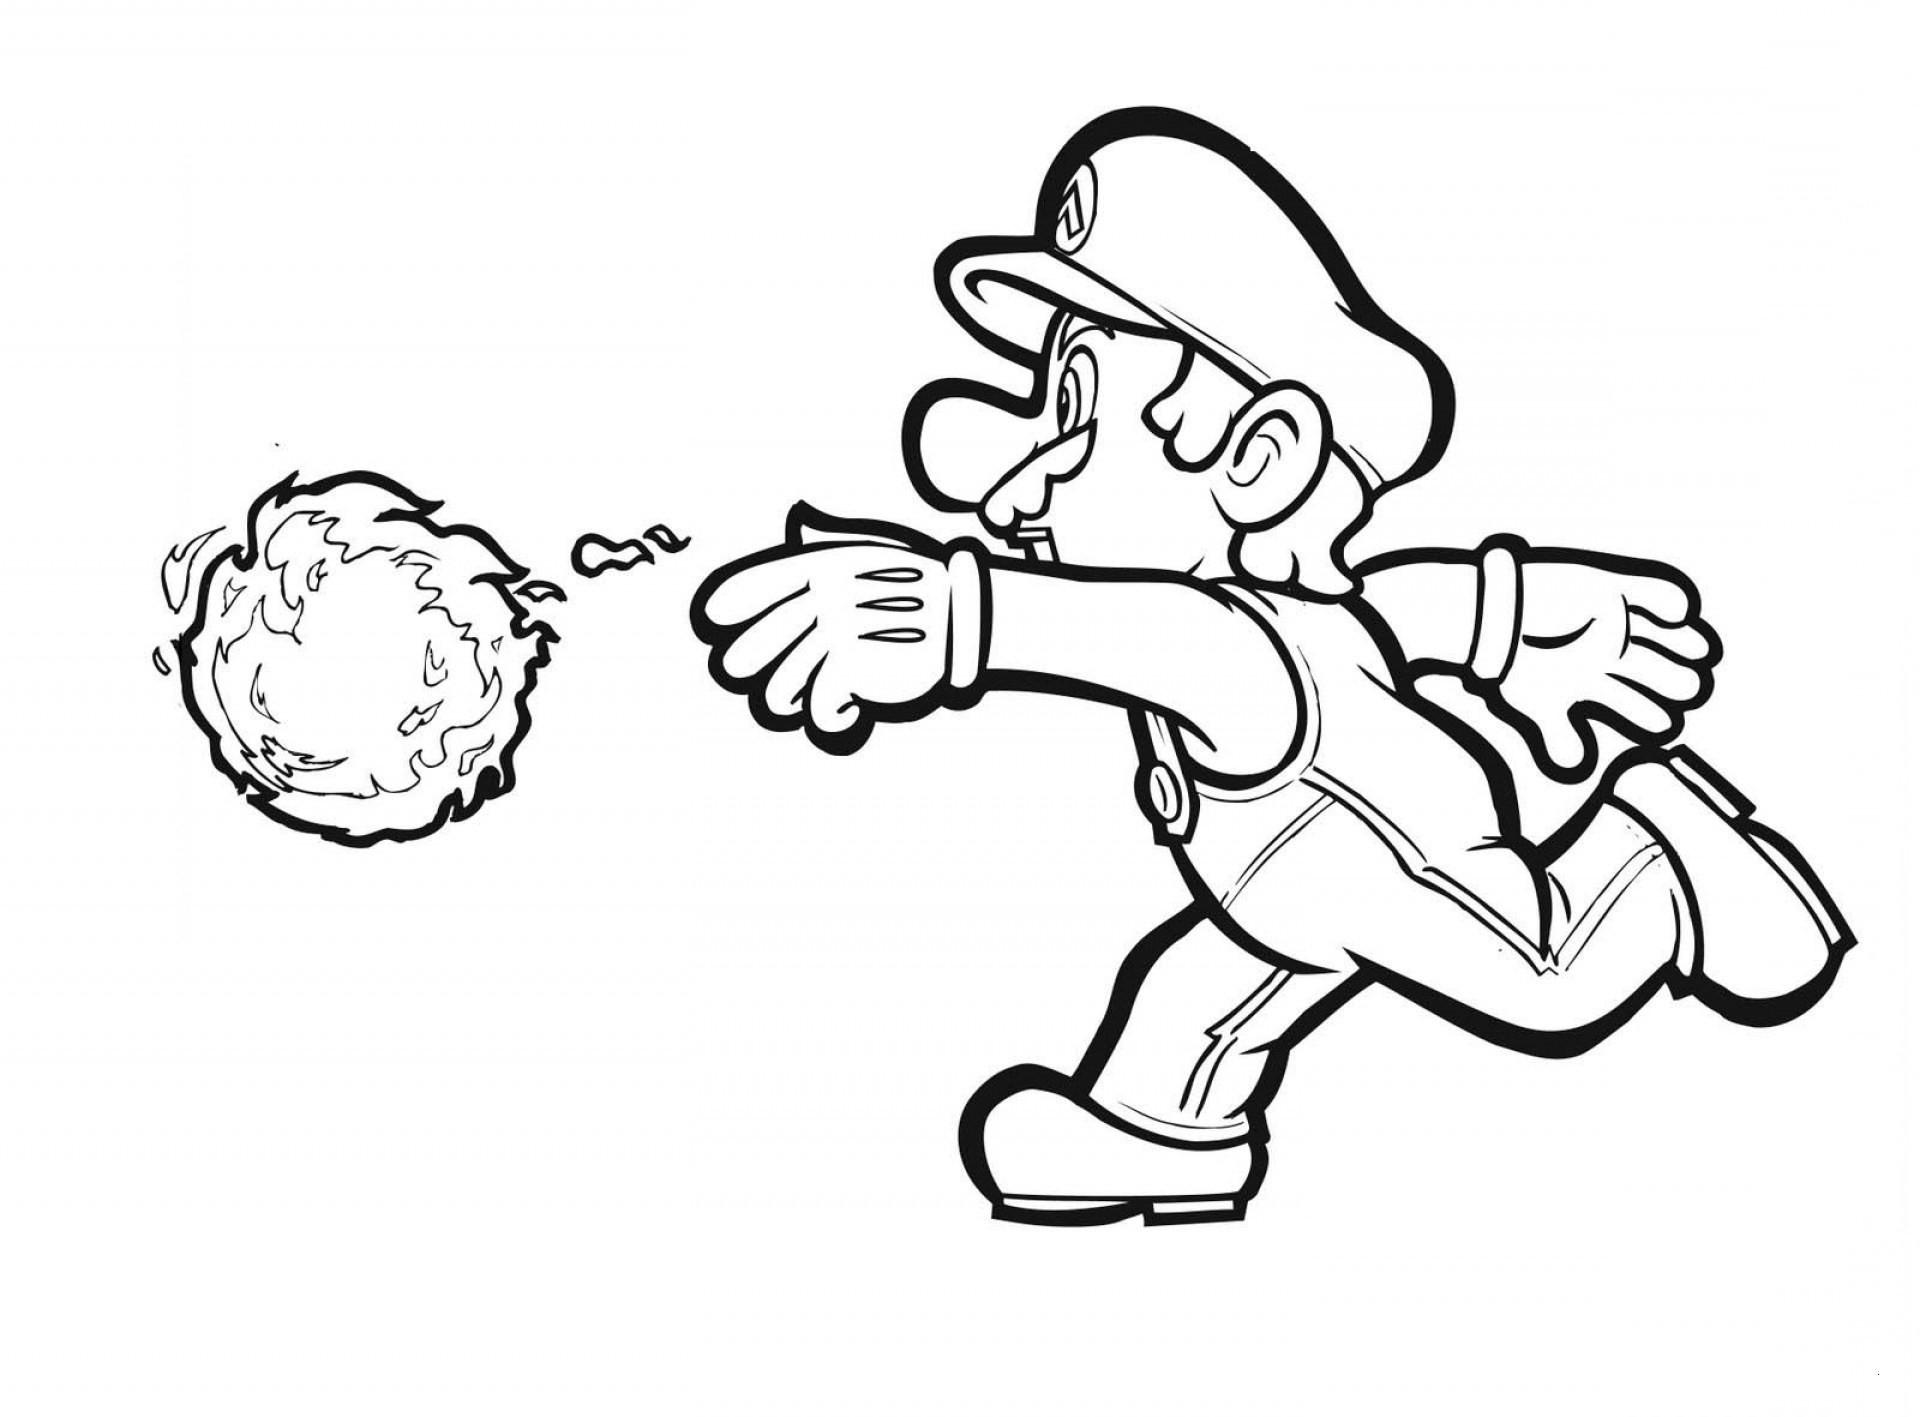 Mario Kart Ausmalbild Frisch 29 Einzigartig Ausmalbilder Mario – Malvorlagen Ideen Bild